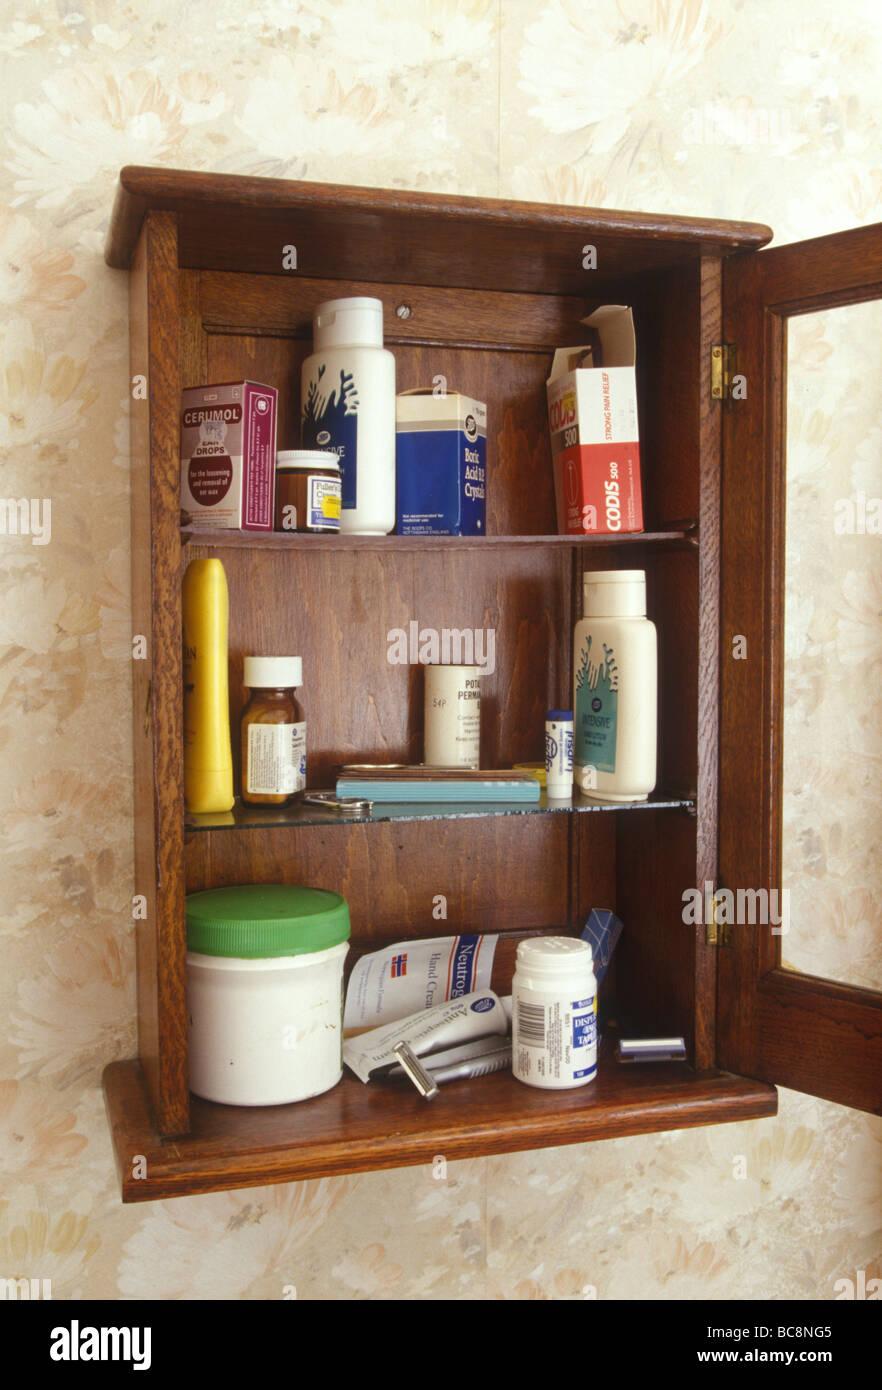 Sigue la vida de un botiquín con una selección de antiguos Potes de Crema y frascos de píldoras Imagen De Stock